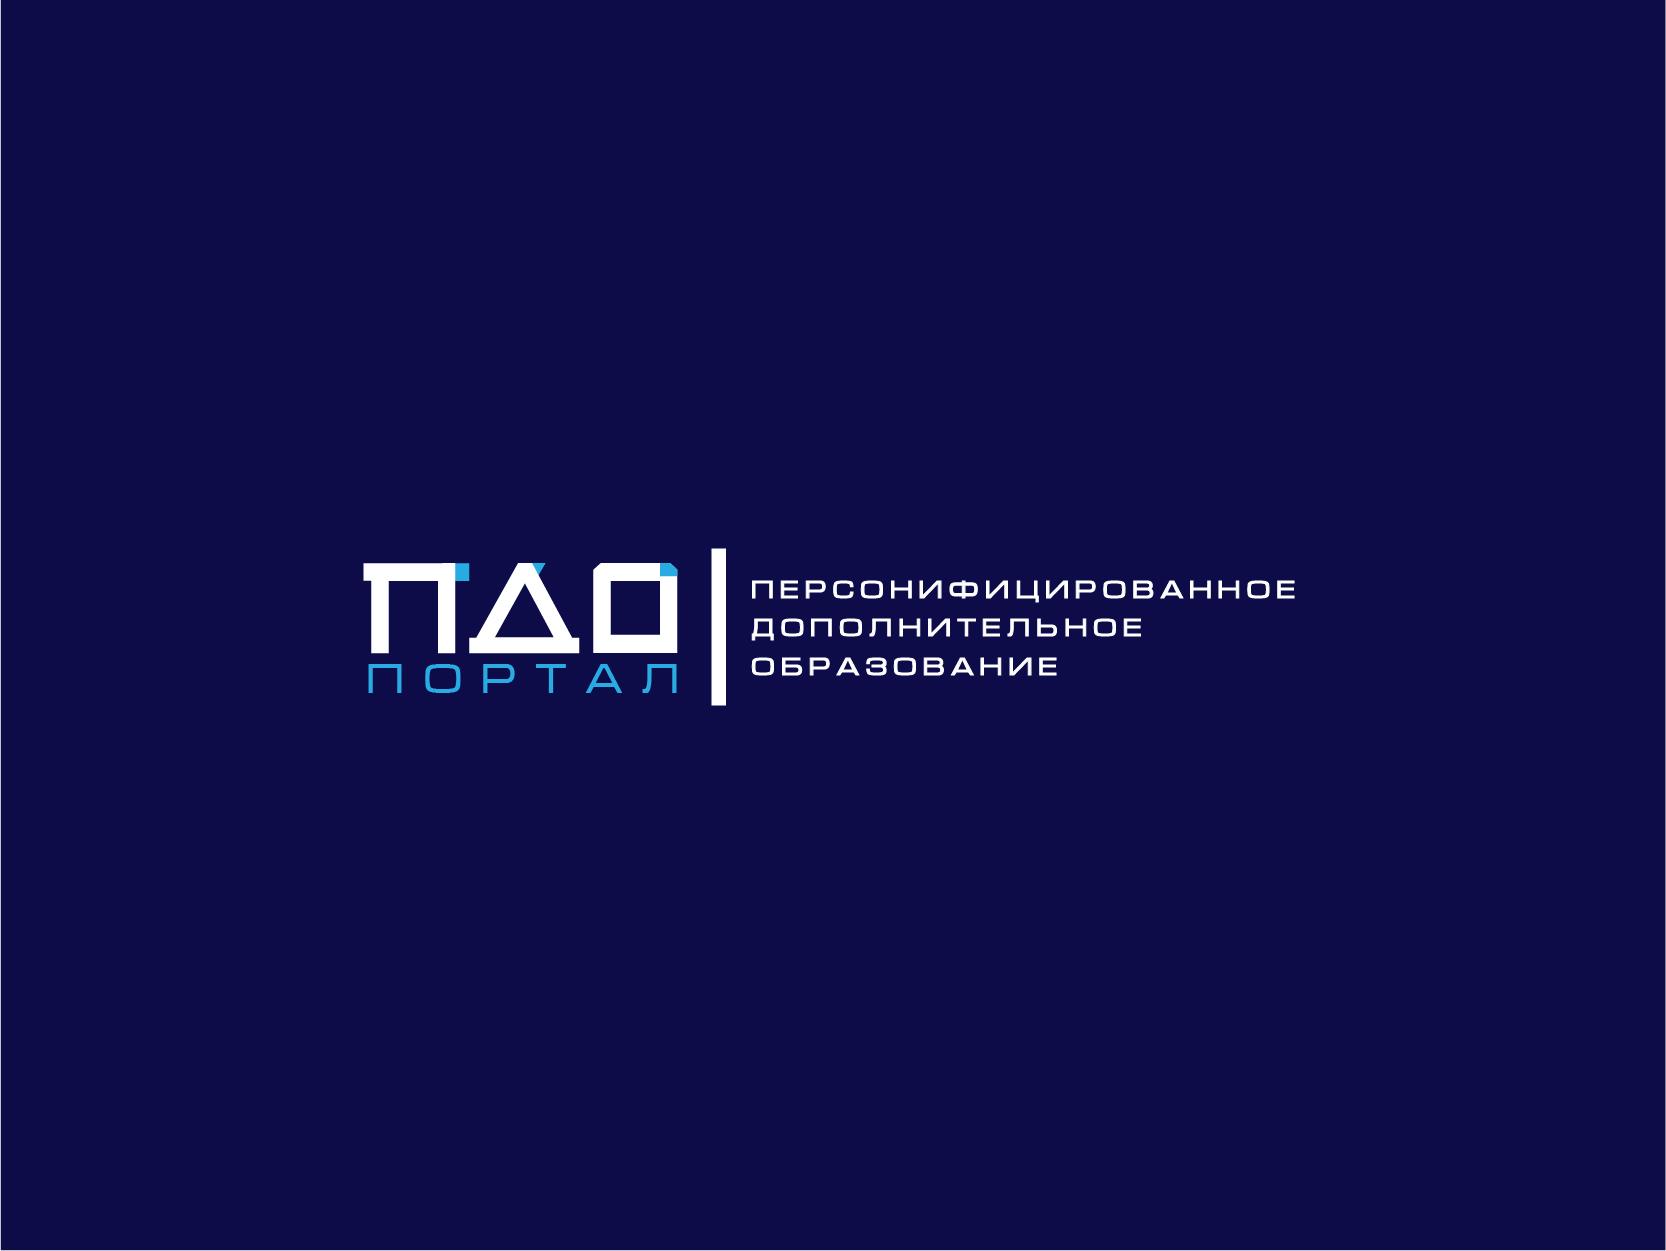 Логотип для интернет-портала фото f_2535a44b335bc323.jpg